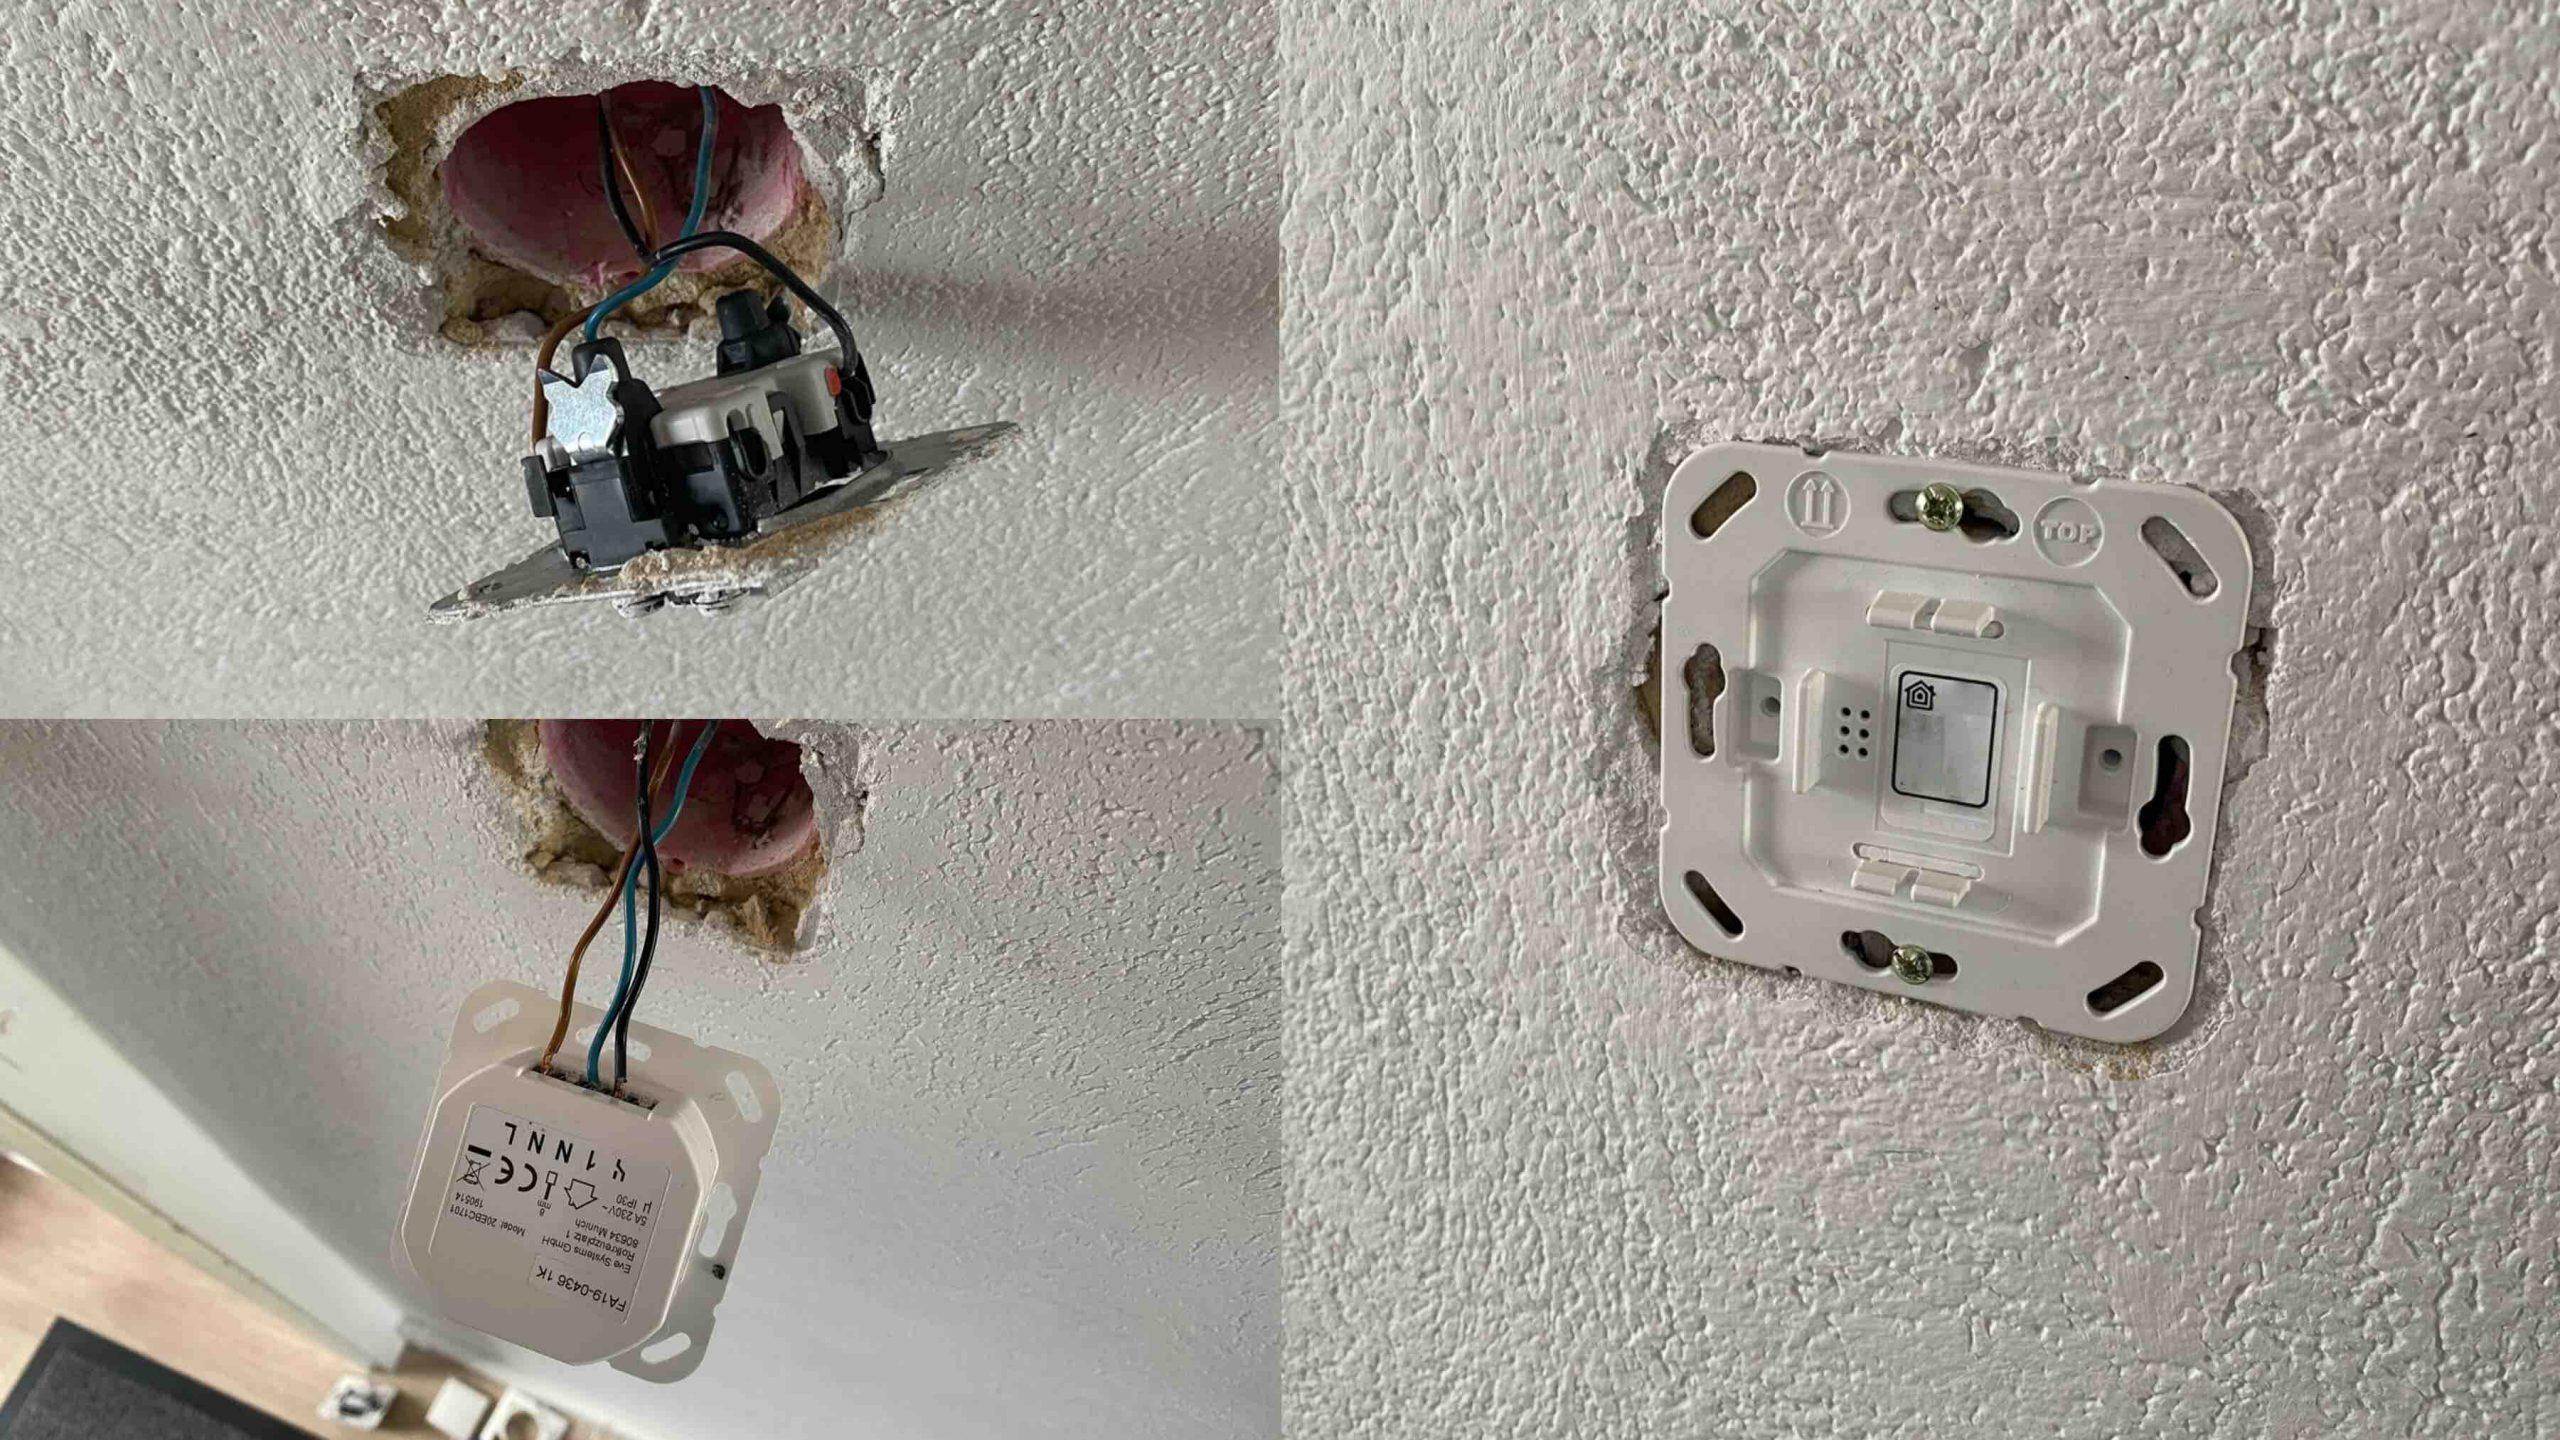 Eve_Light_Swtich_Apple_HomeKit_SmartHome_Schalter1-scaled Eve Light Switch - der ideale Lichtschalter im Apple HomeKit Zuhause